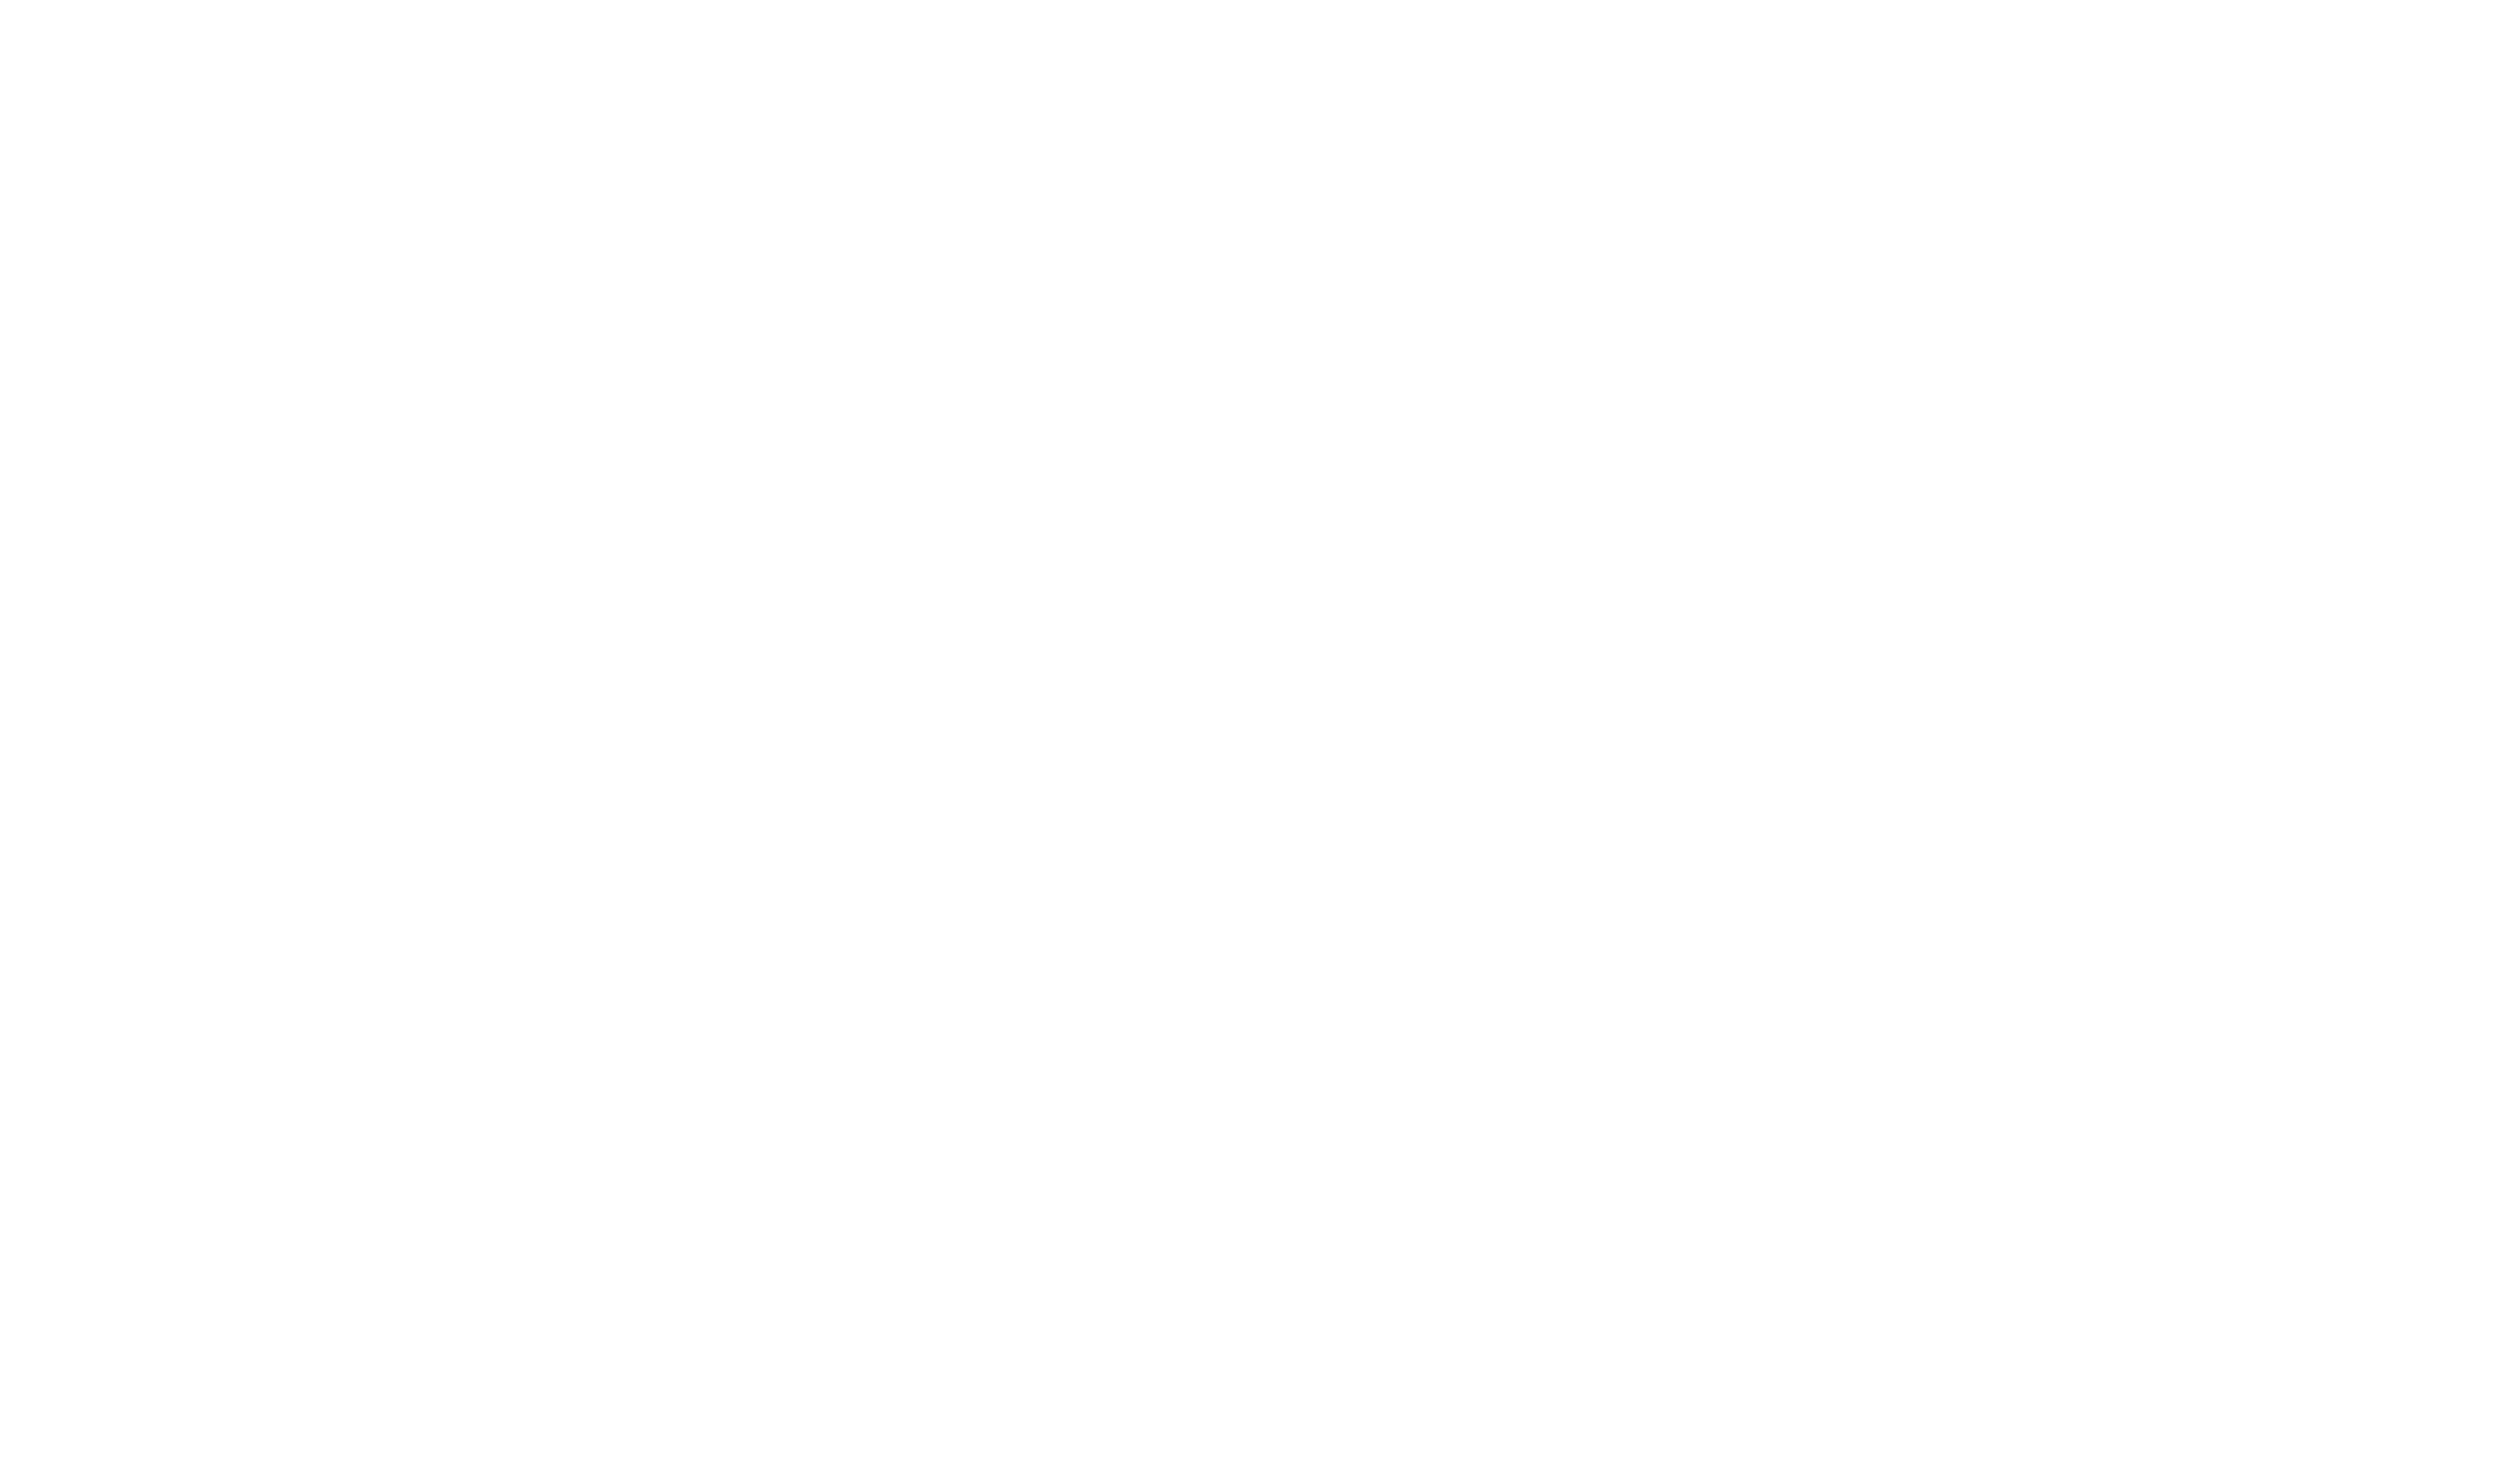 יעלי'ס – פילאטיס ויוגה